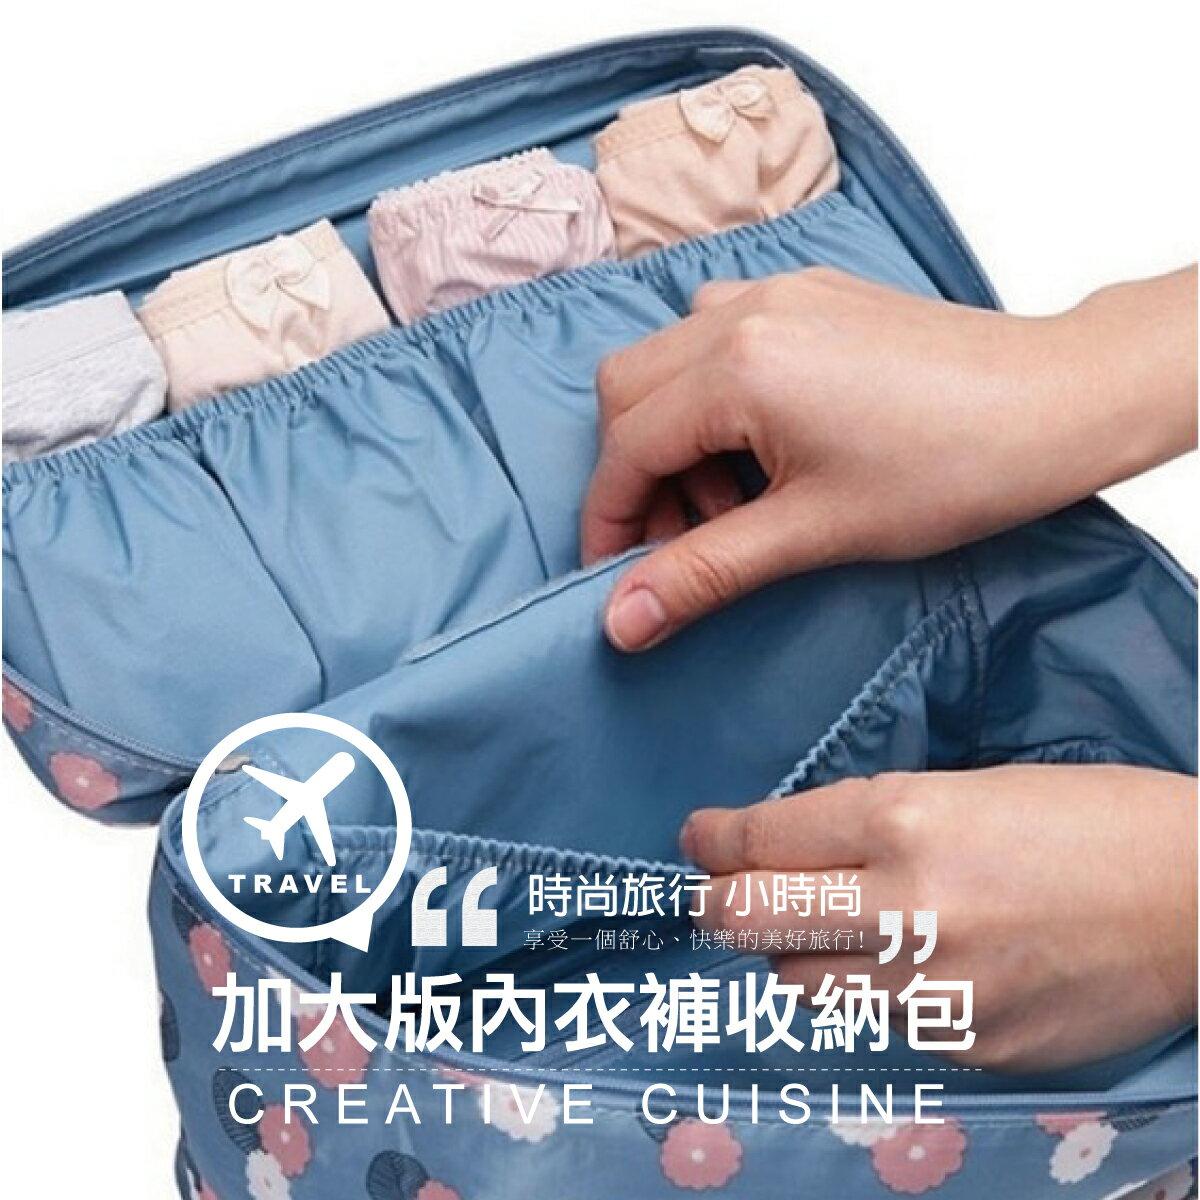 加大版內衣褲收納包【PA-023】內衣 內褲 衣櫃 收納 收納盒 韓版新款 - 限時優惠好康折扣